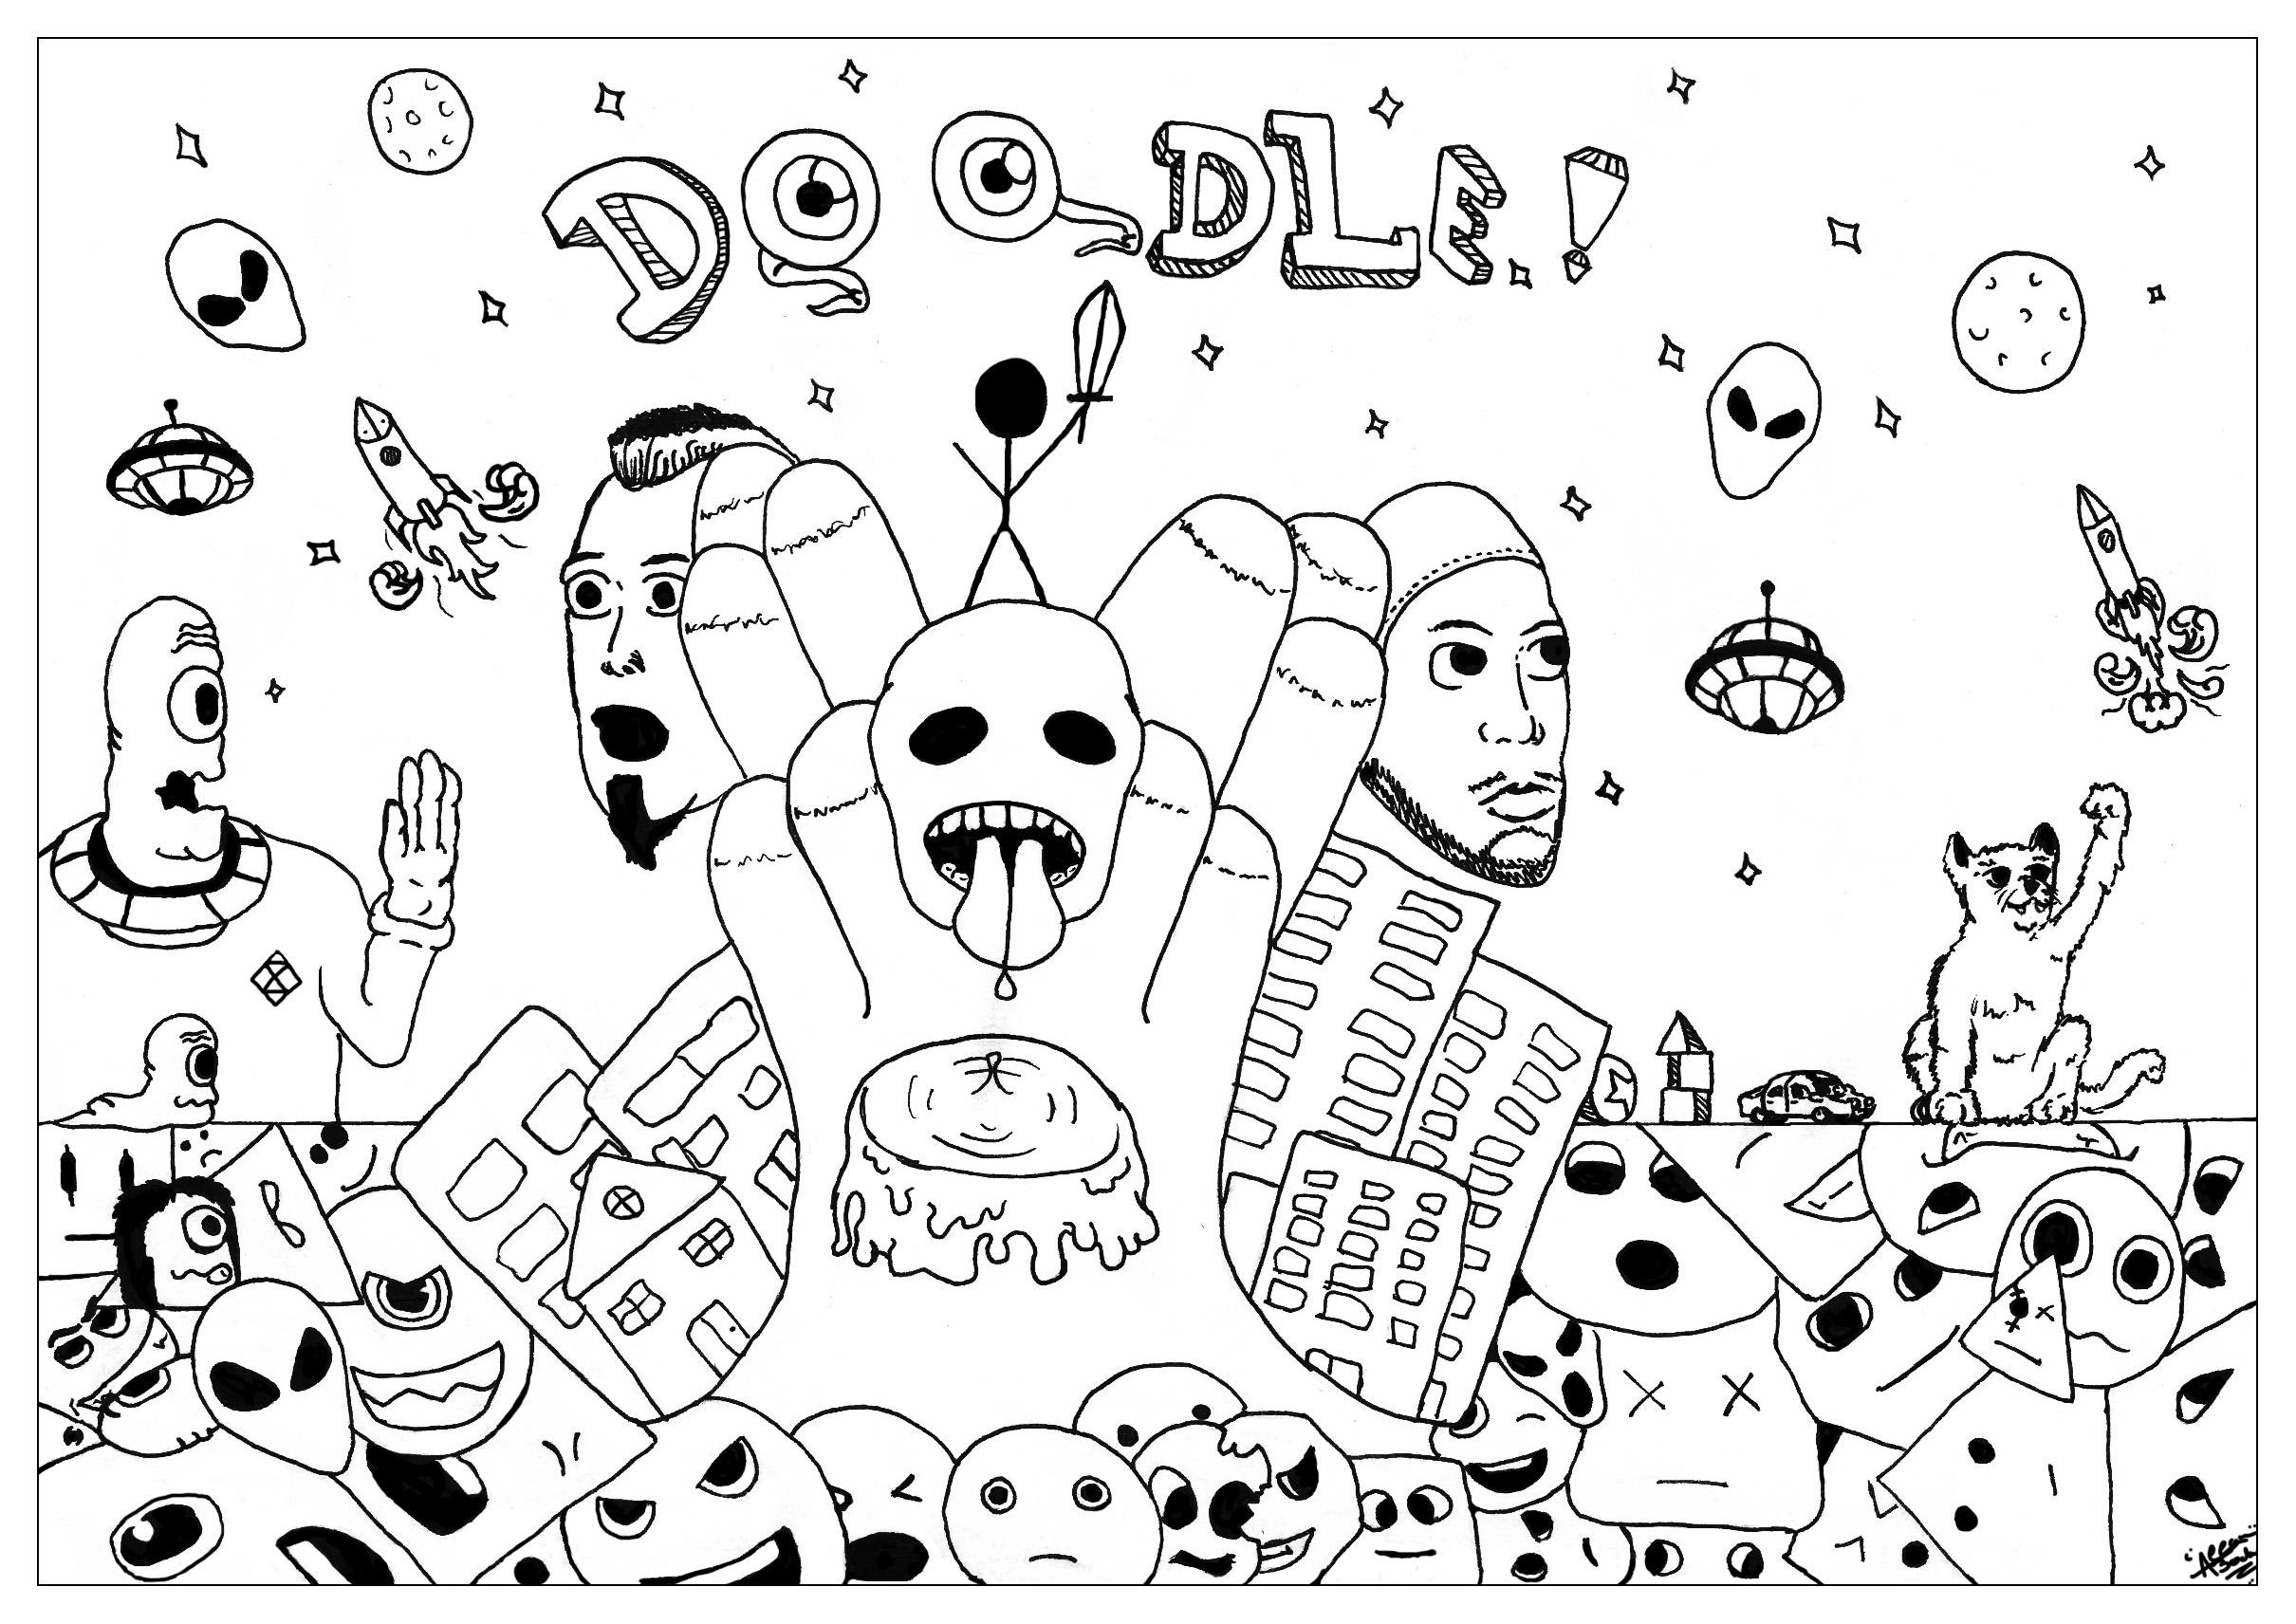 Colorear para adultos : Doodle art / Doodling - 30